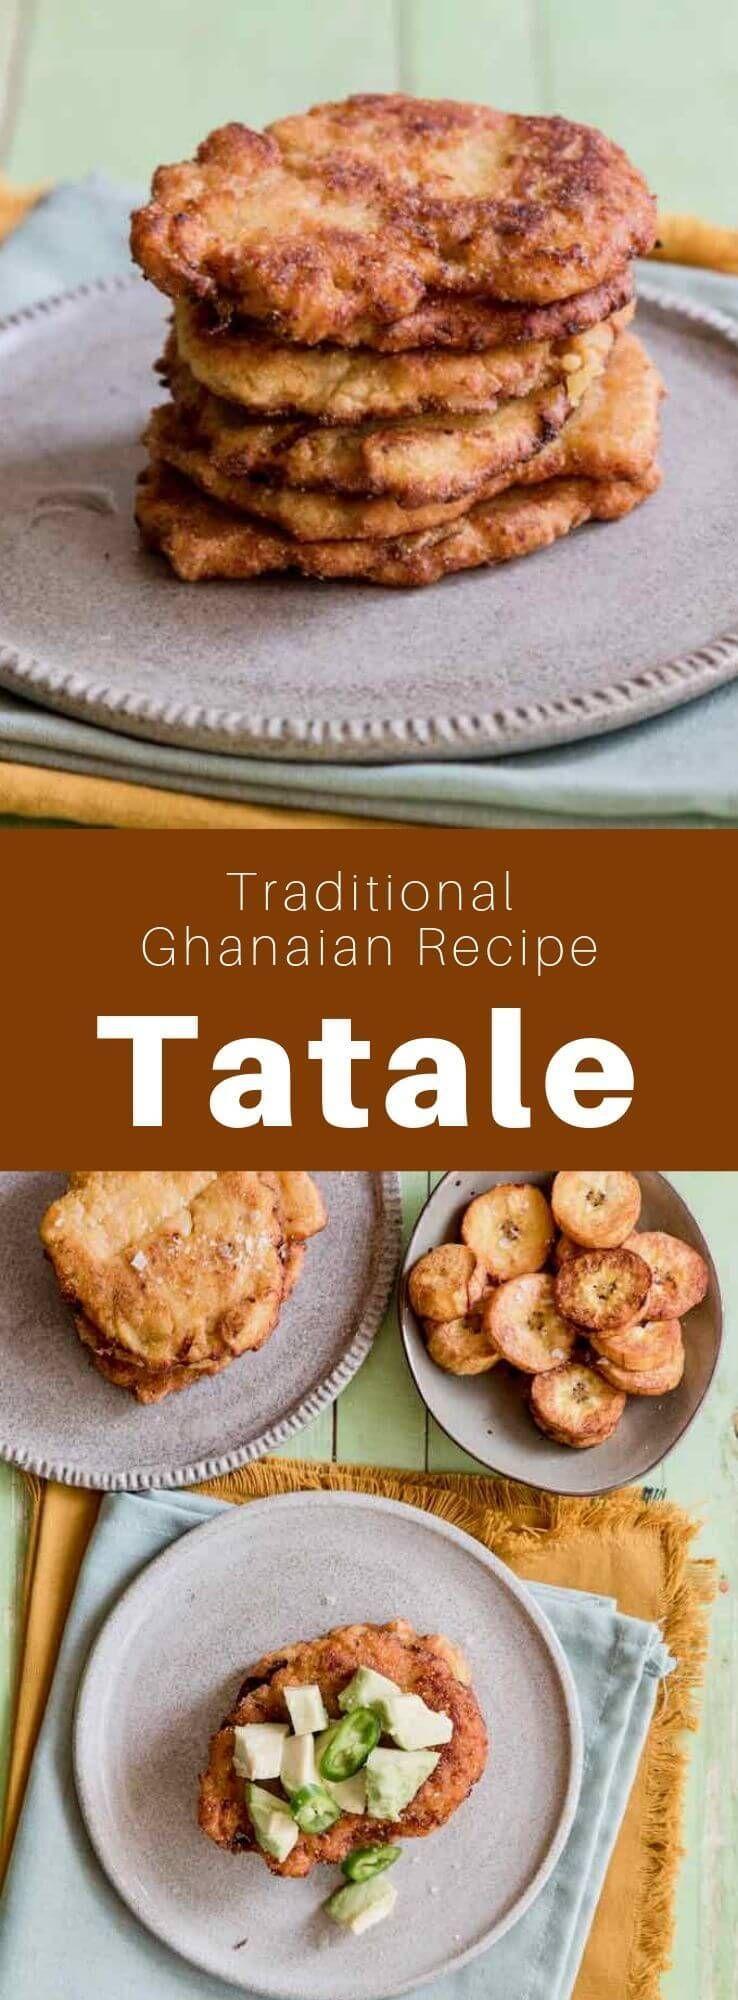 Ghana Tatale In 2020 African Food Ghanaian Food Ghana Food